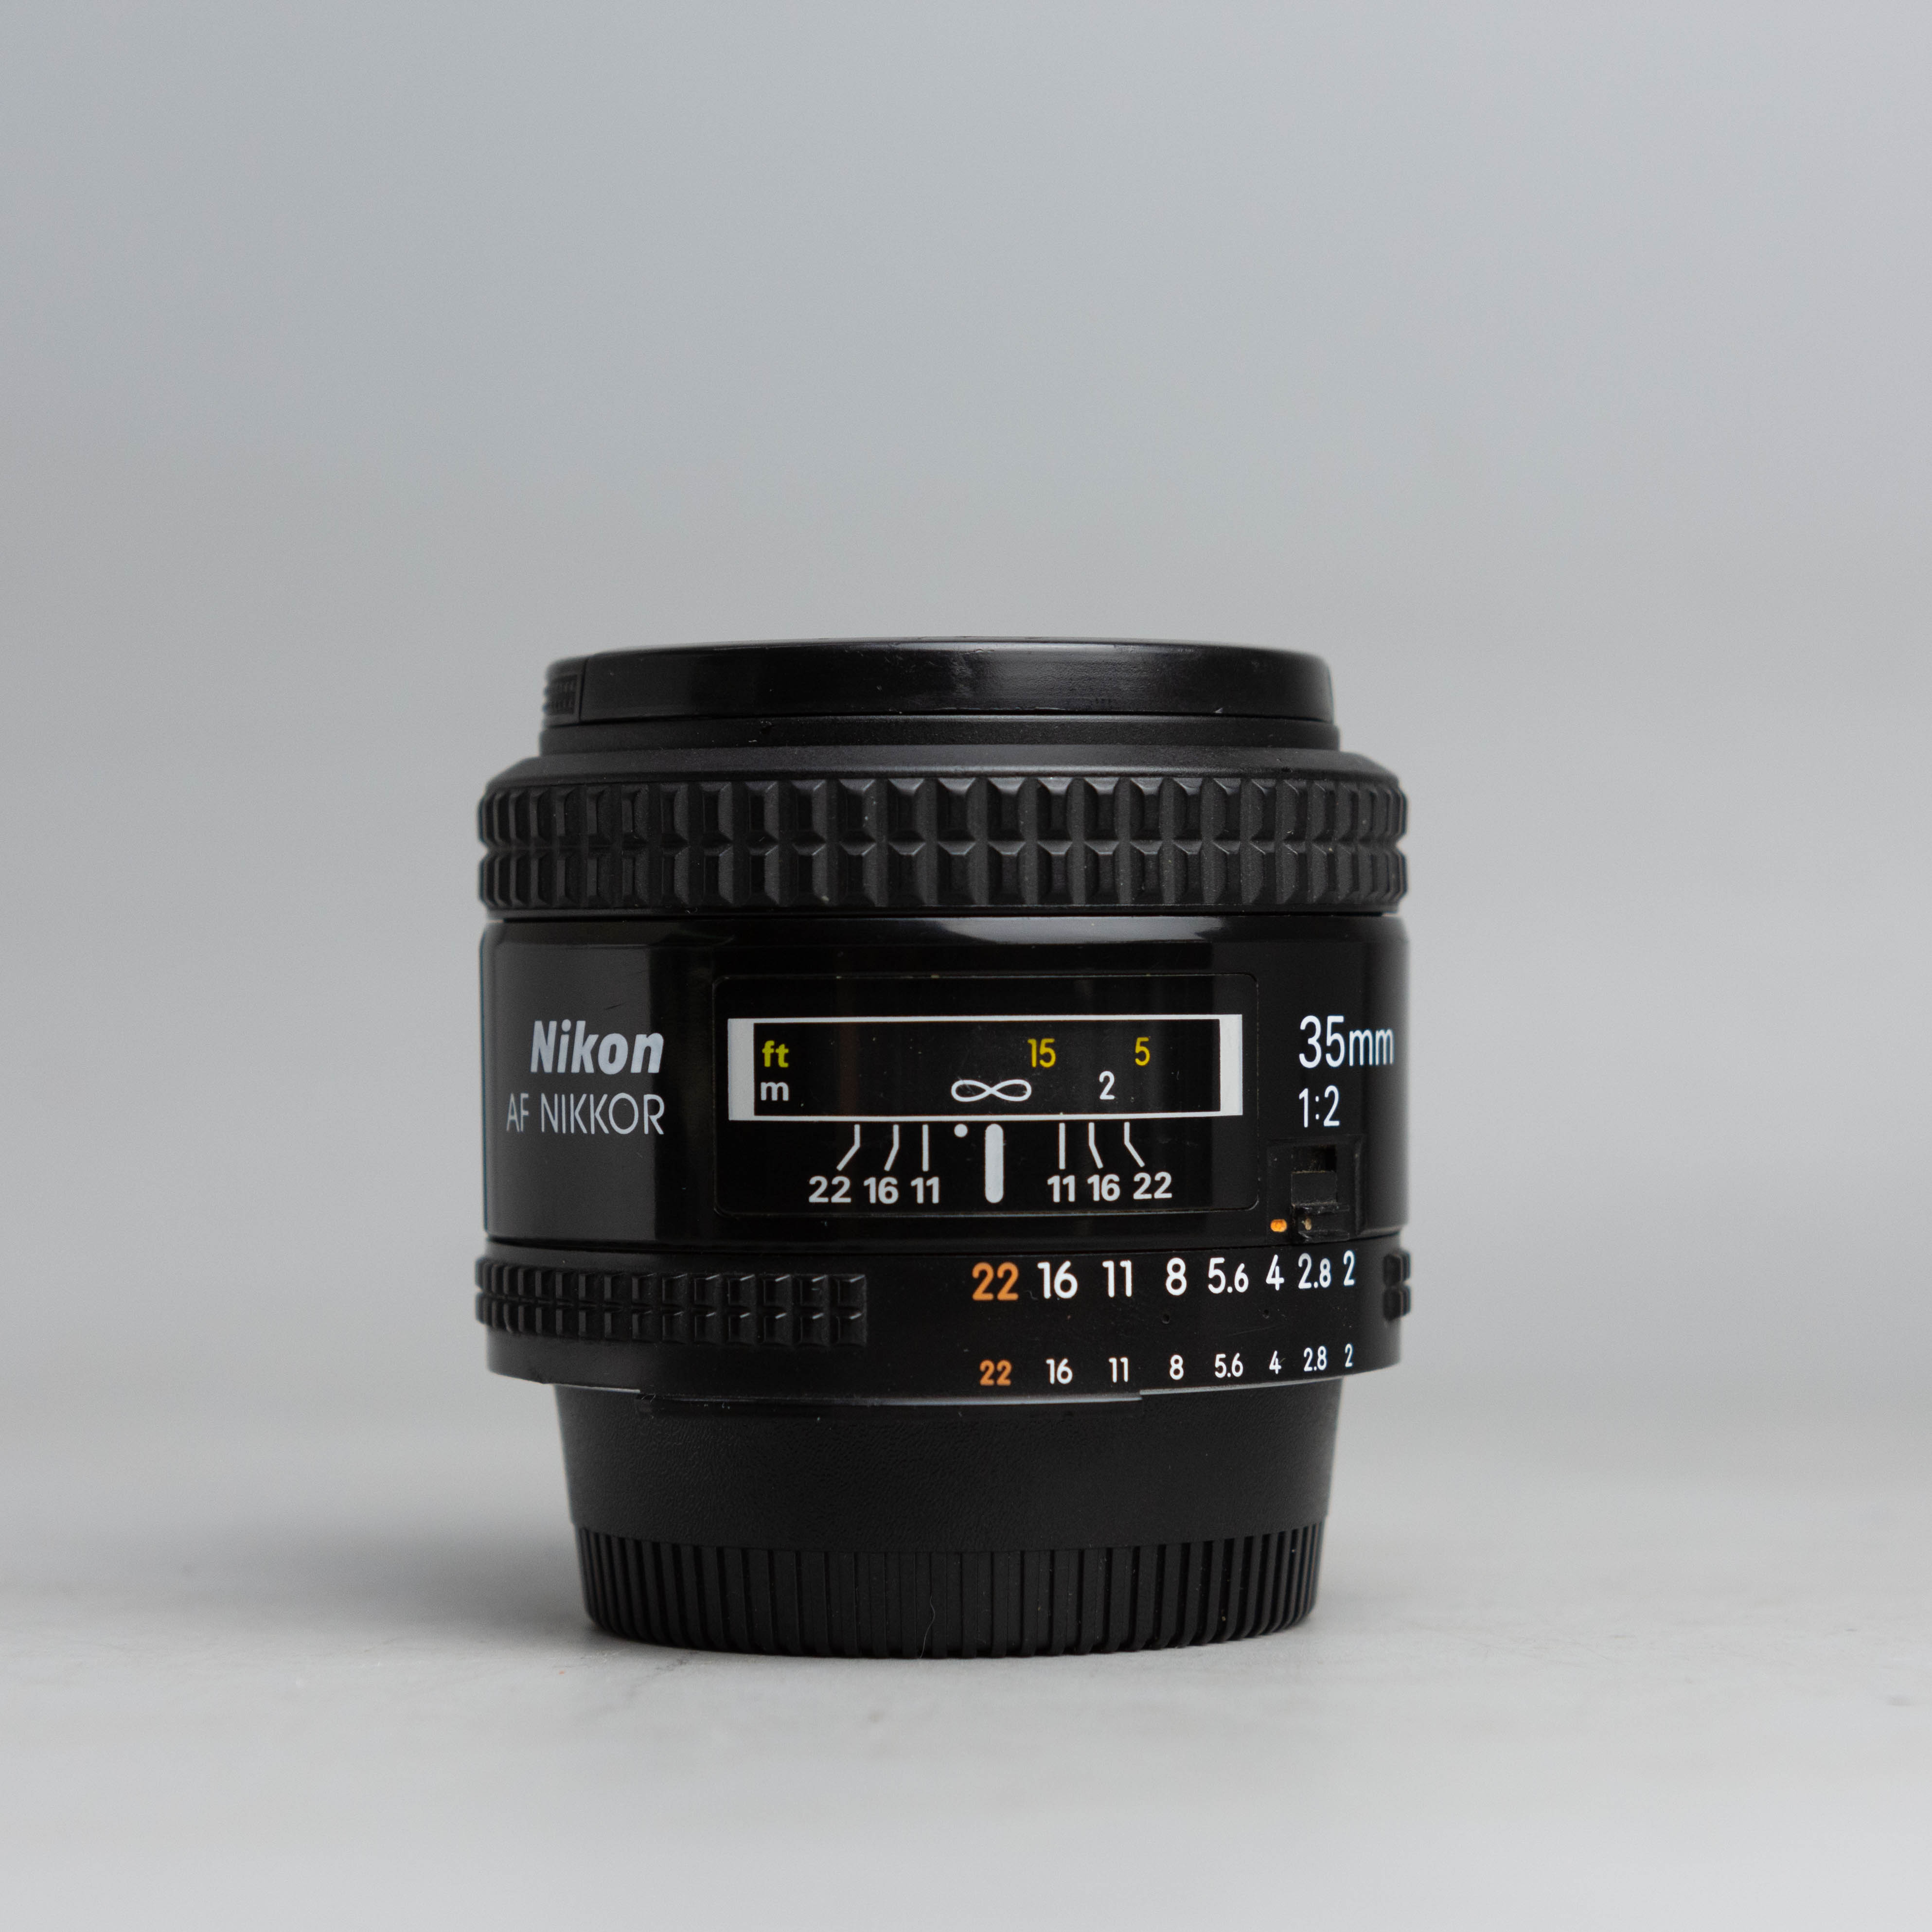 nikon-35mm-f2-af-35-2-0-hkg-p